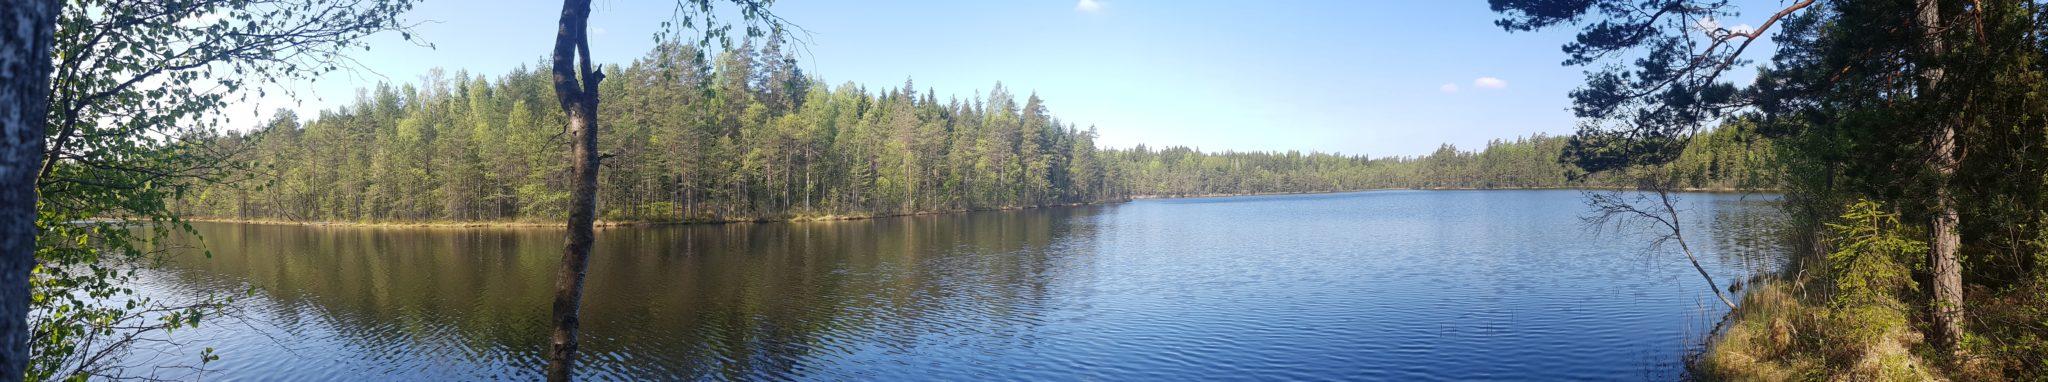 Helsinki-Finnland_ist_ein_Land_der_Seen